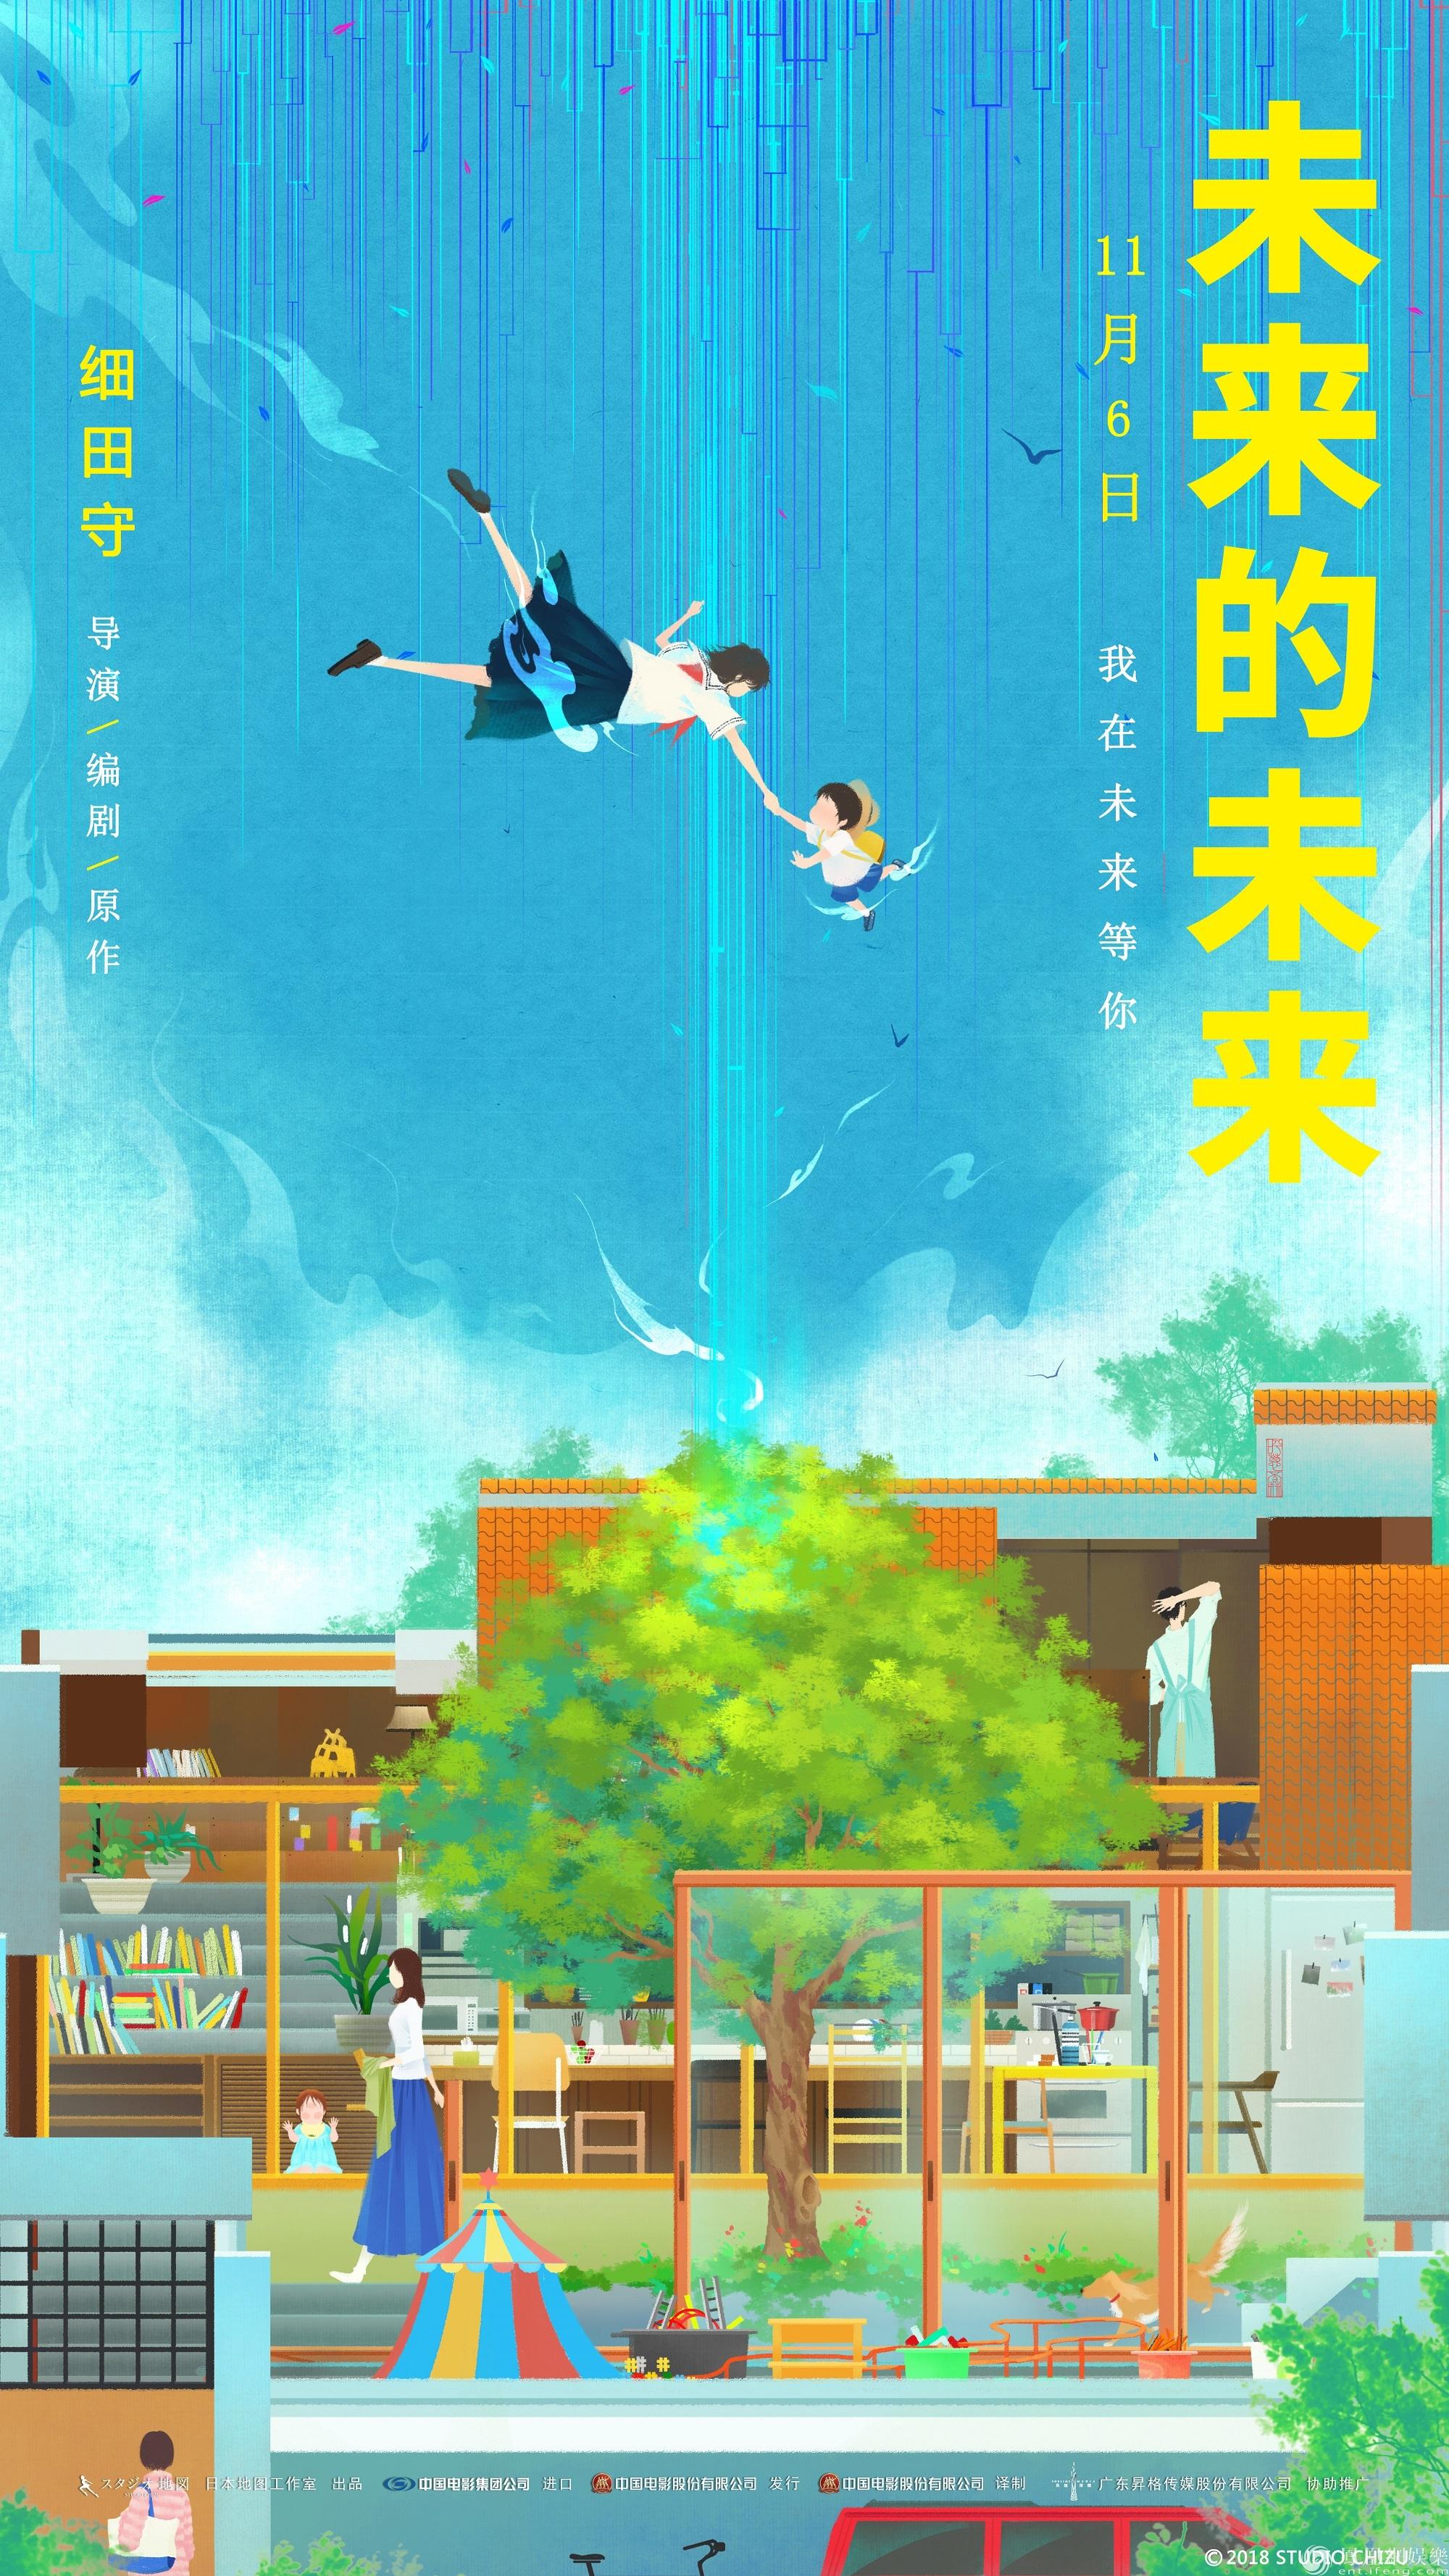 《未来的未来》发中国版海报 匠心细节打造年度最暖